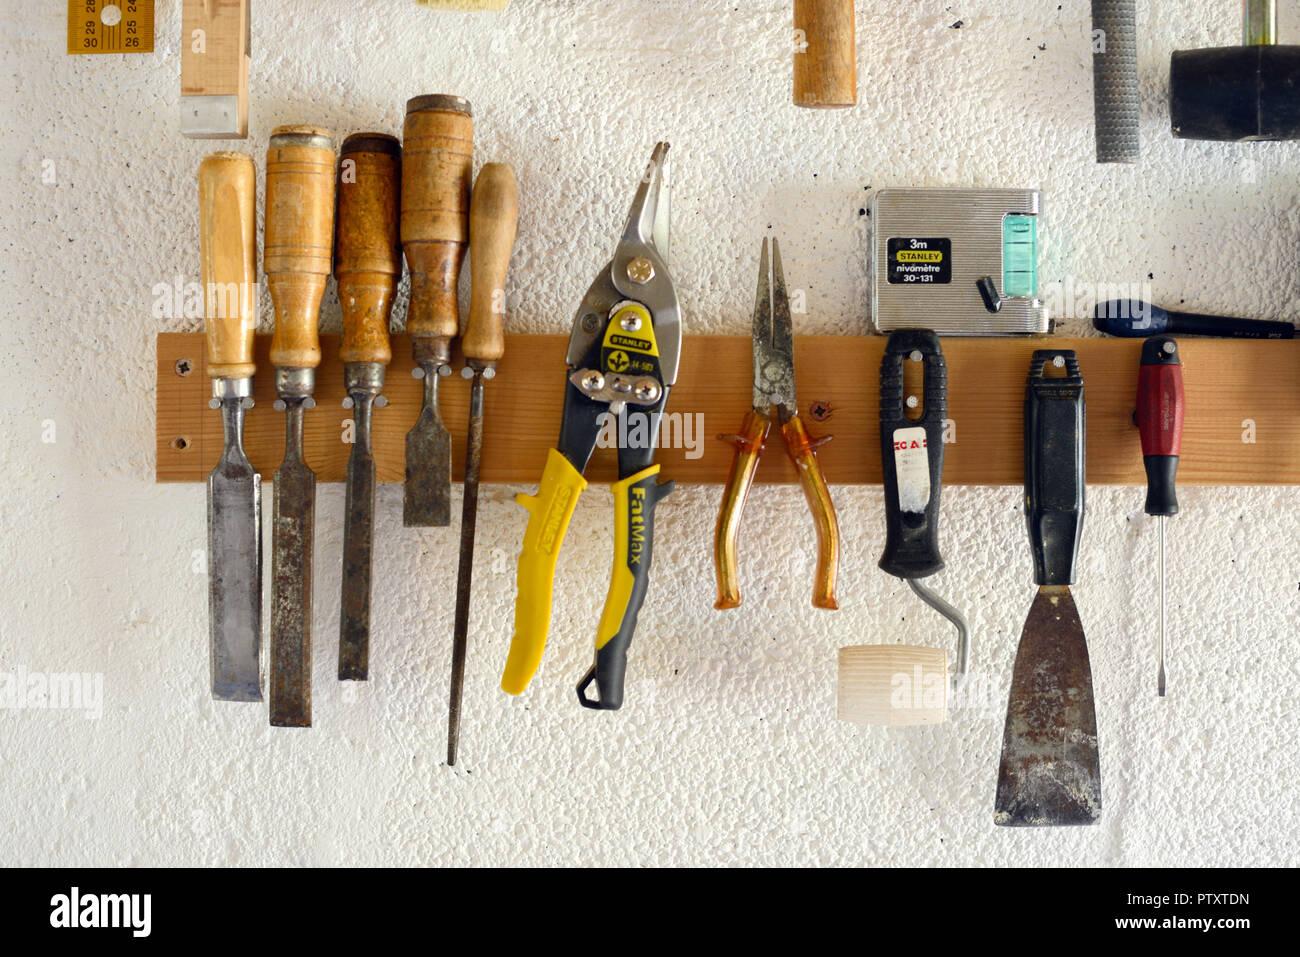 Outils à bois & Outils à main, y compris les Ciseaux et pinces en atelier ou garage Rack Outil à montage mural Photo Stock